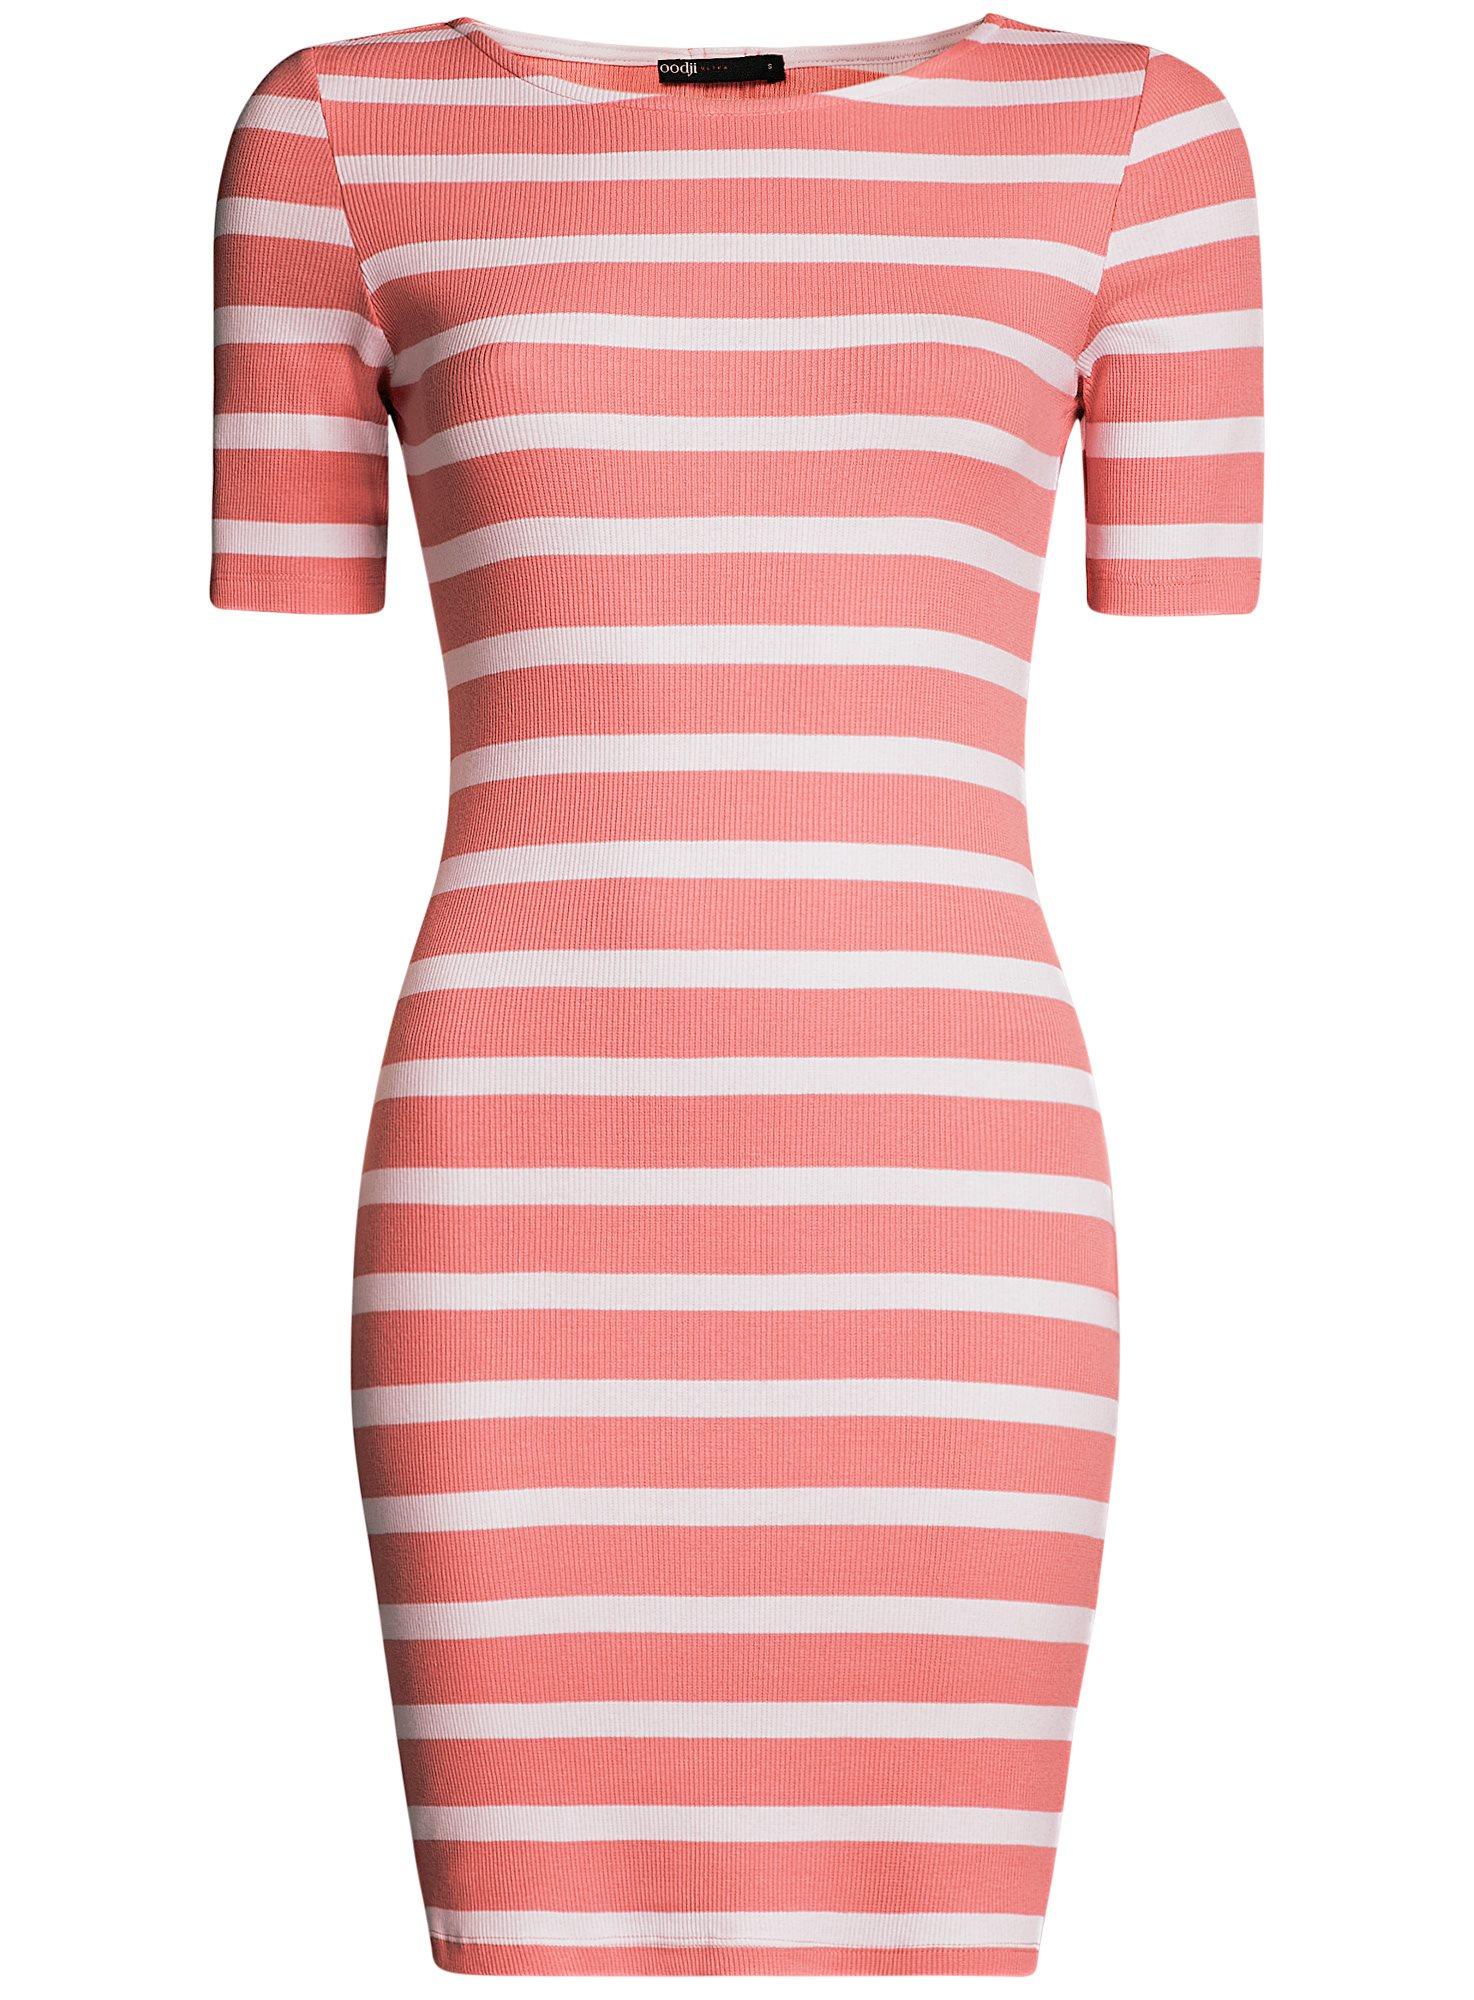 Платье прилегающего силуэта в рубчик oodji для женщины (розовый), 14011012/45210/4310S